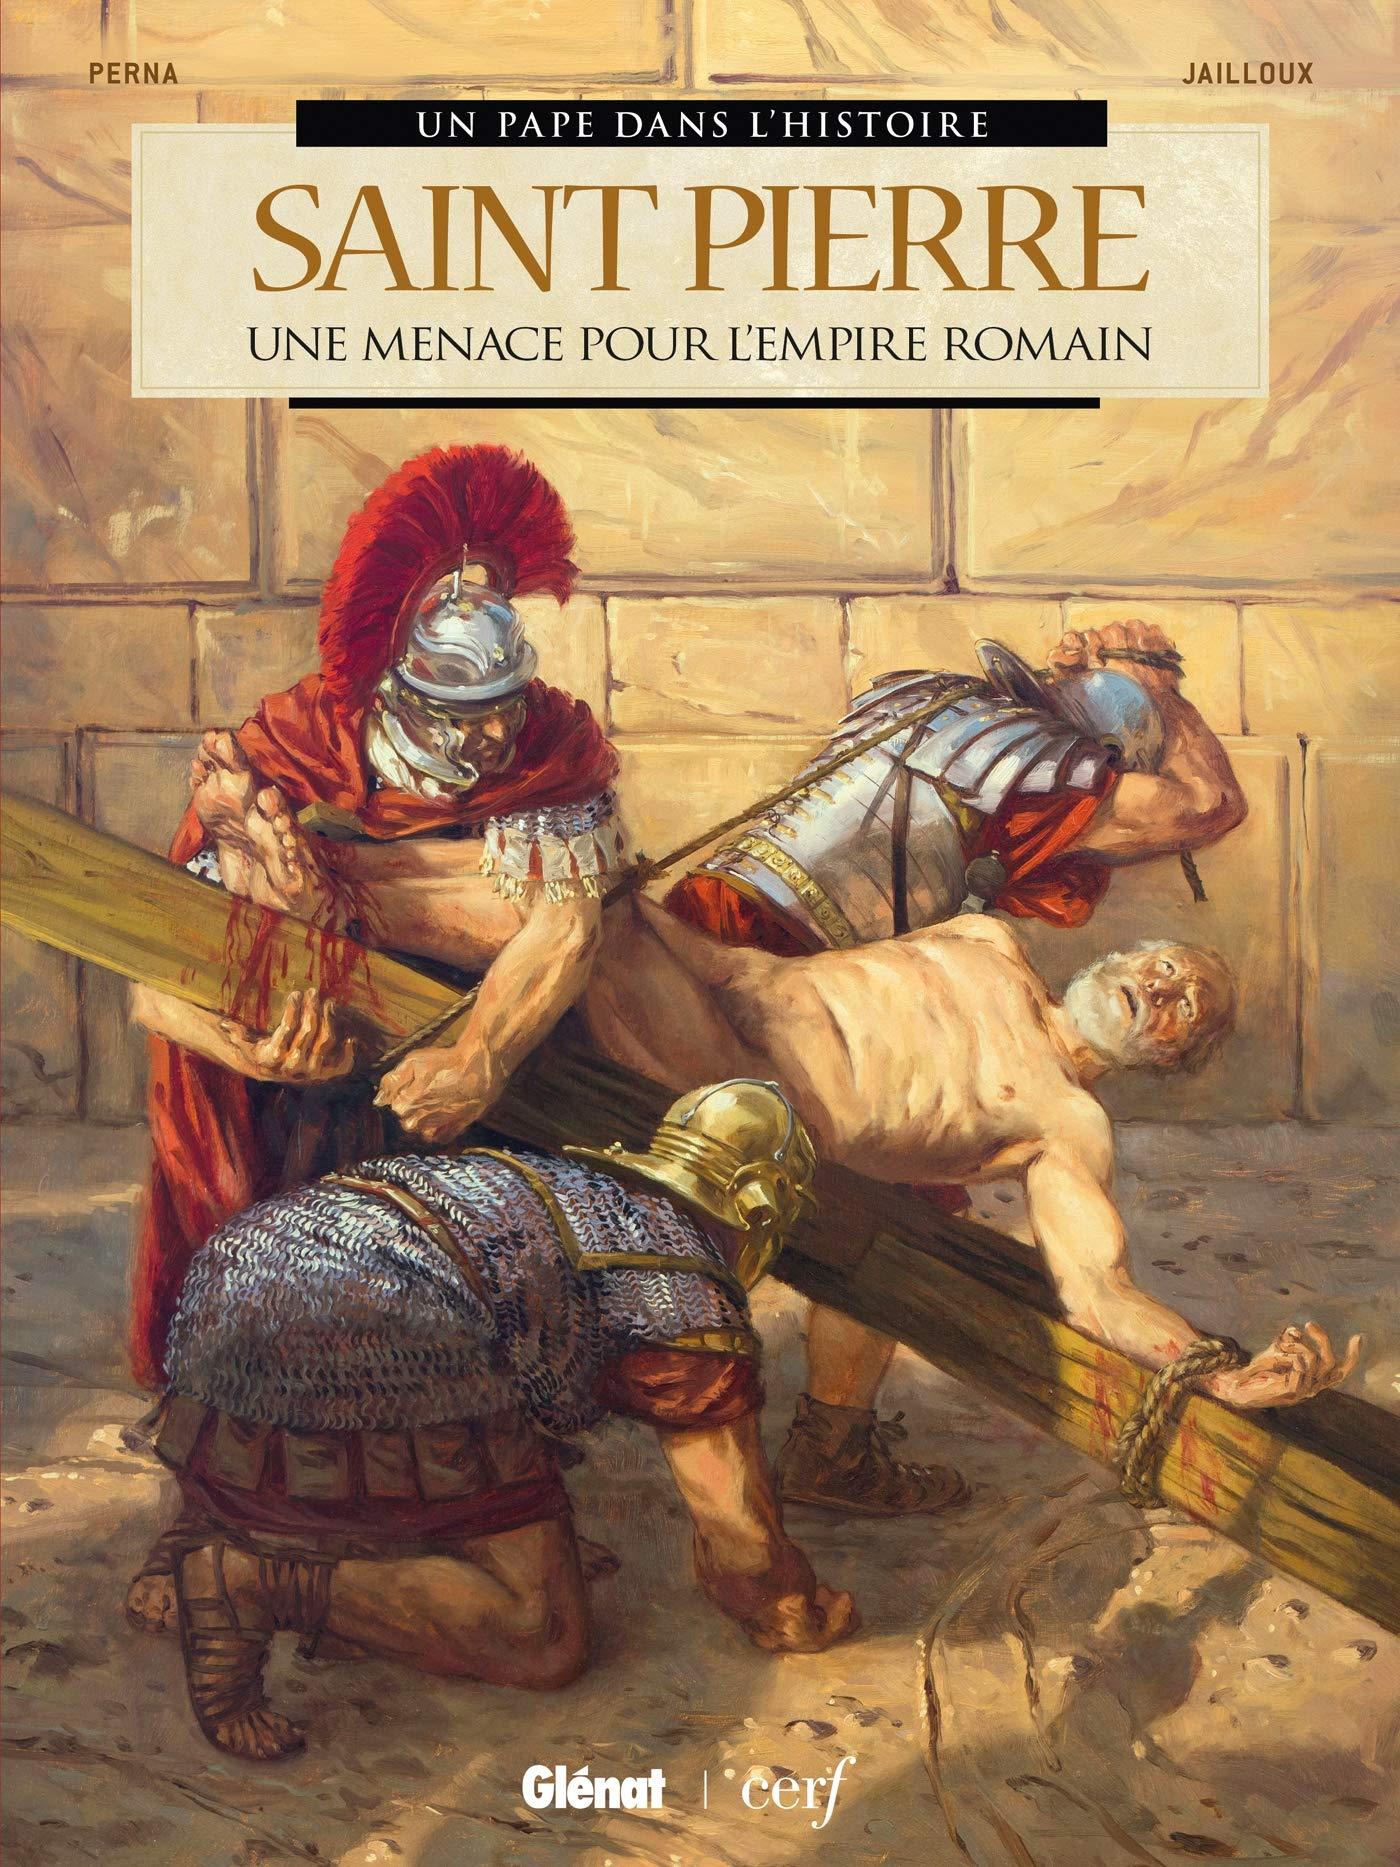 Saint Pierre 0 - Une menace pour l'Empire romain